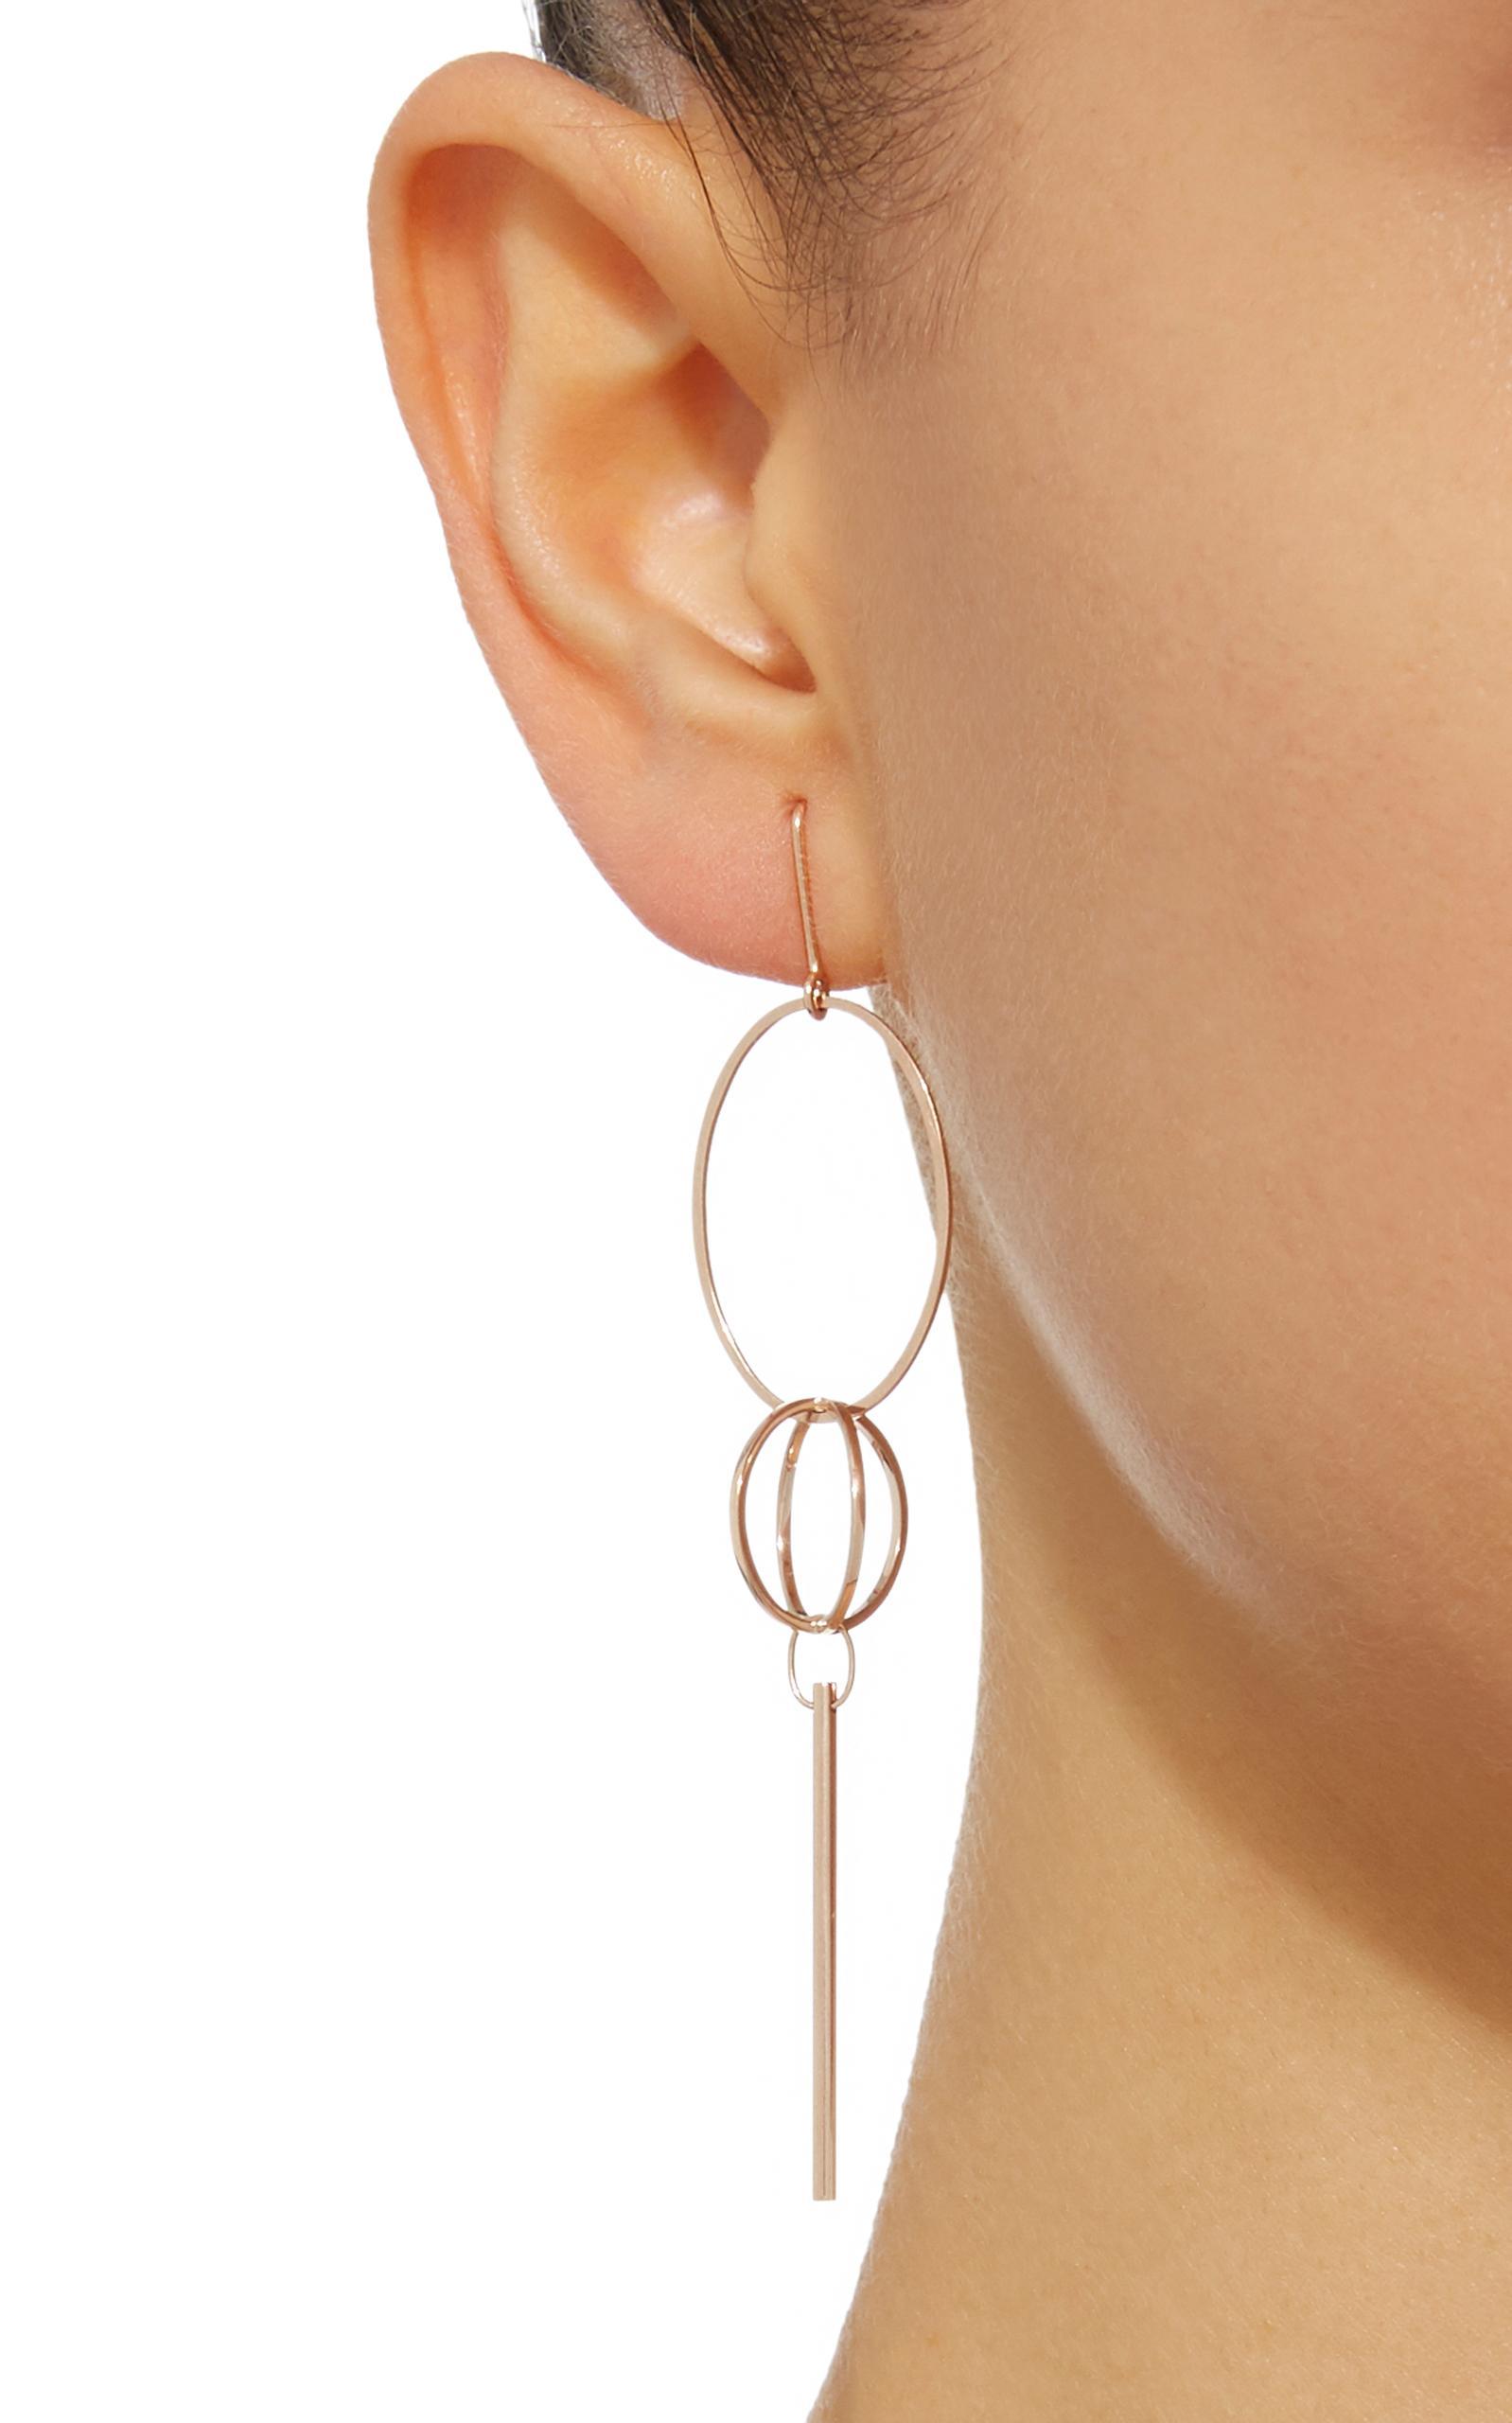 Vanrycke Coachella 18k Rose Gold Single Earring in Pink